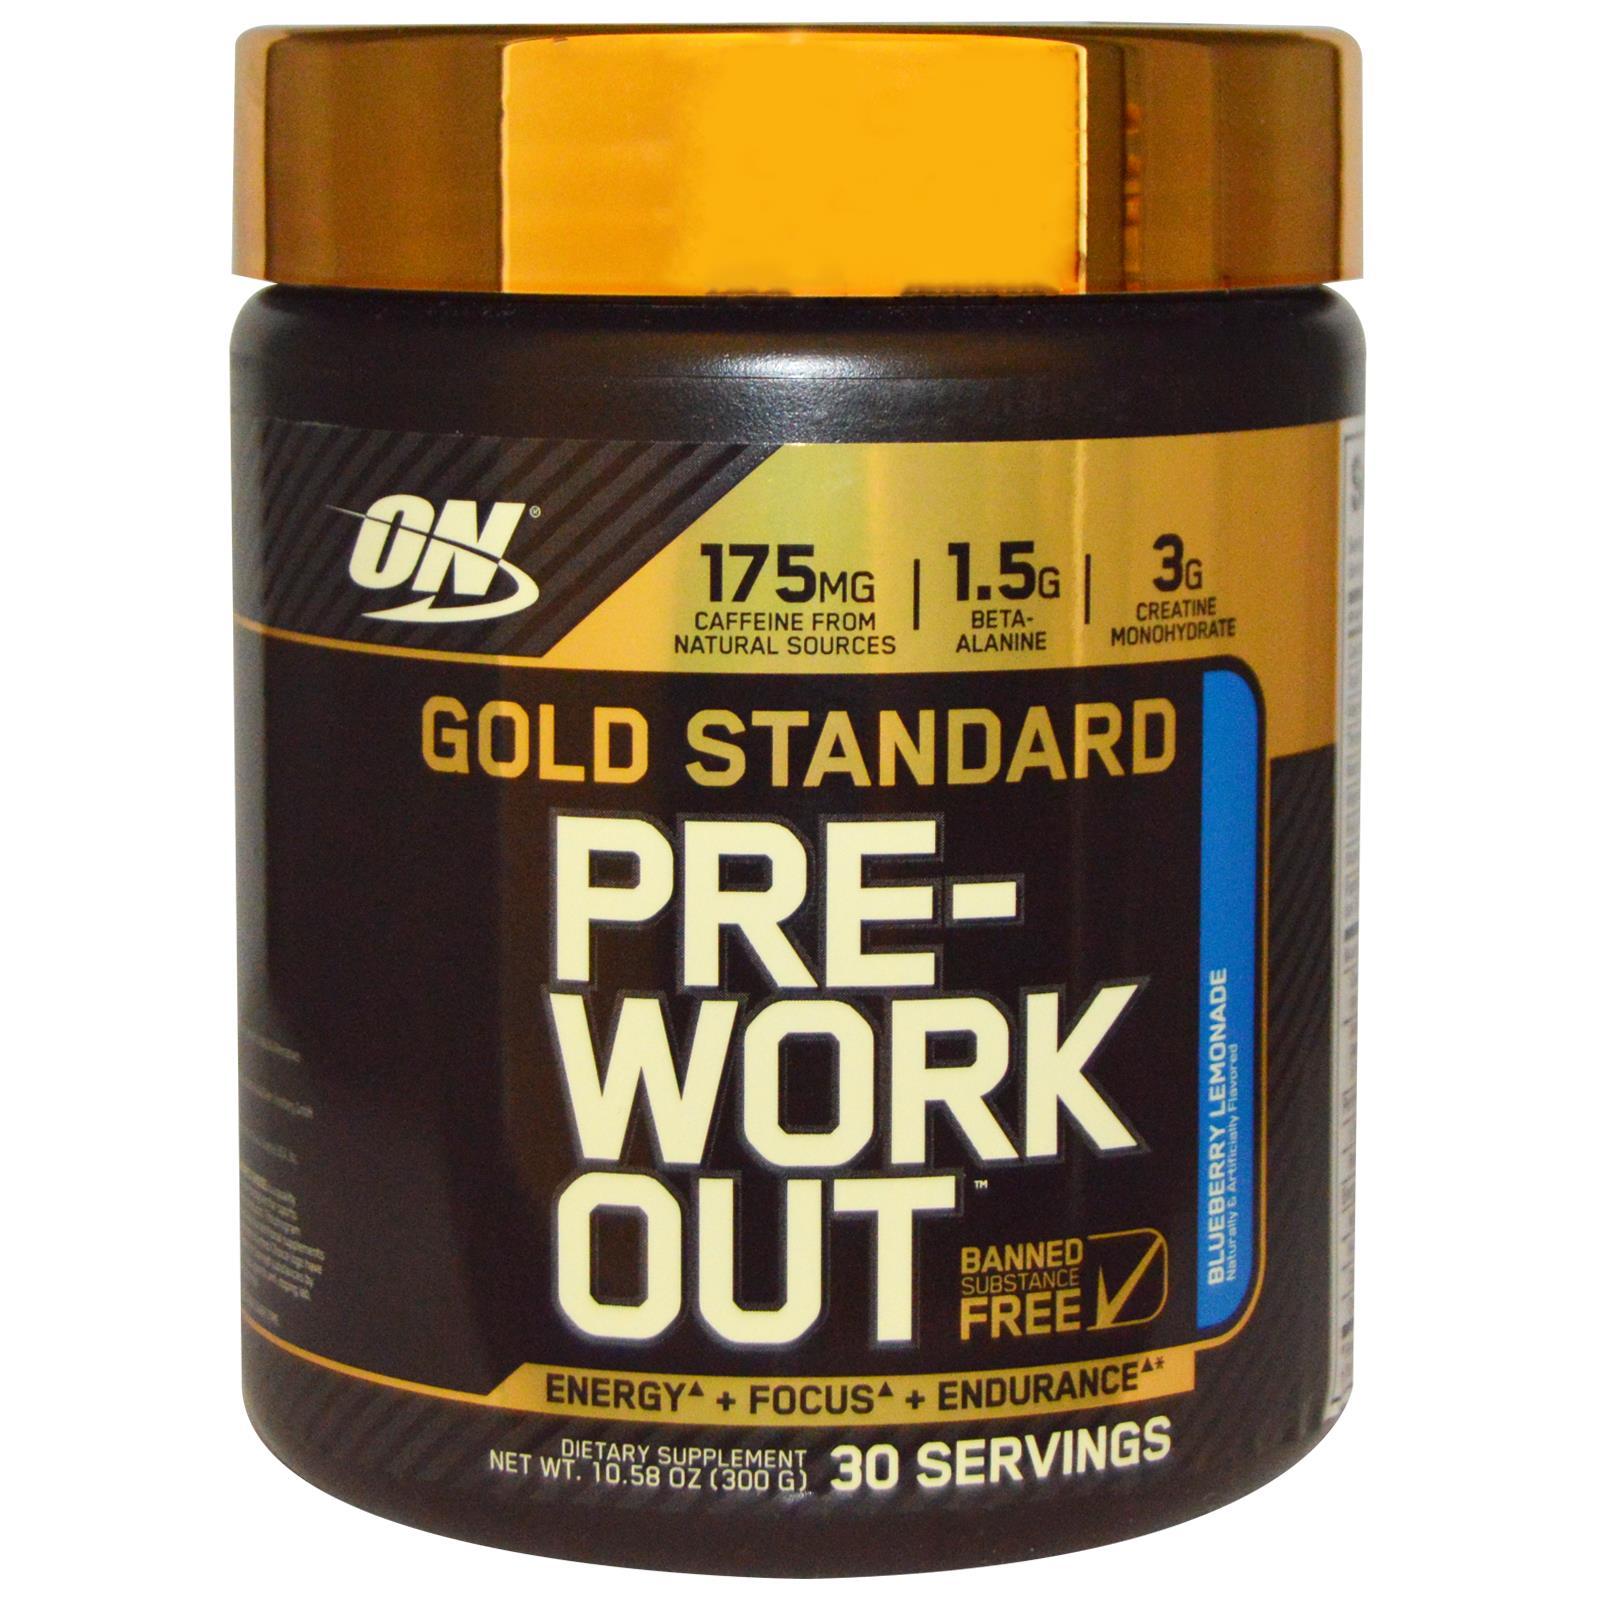 Gold Standard Pre-Workout, Pink Lemonade - 330g versandkostenfrei/portofrei bestellen/kaufen